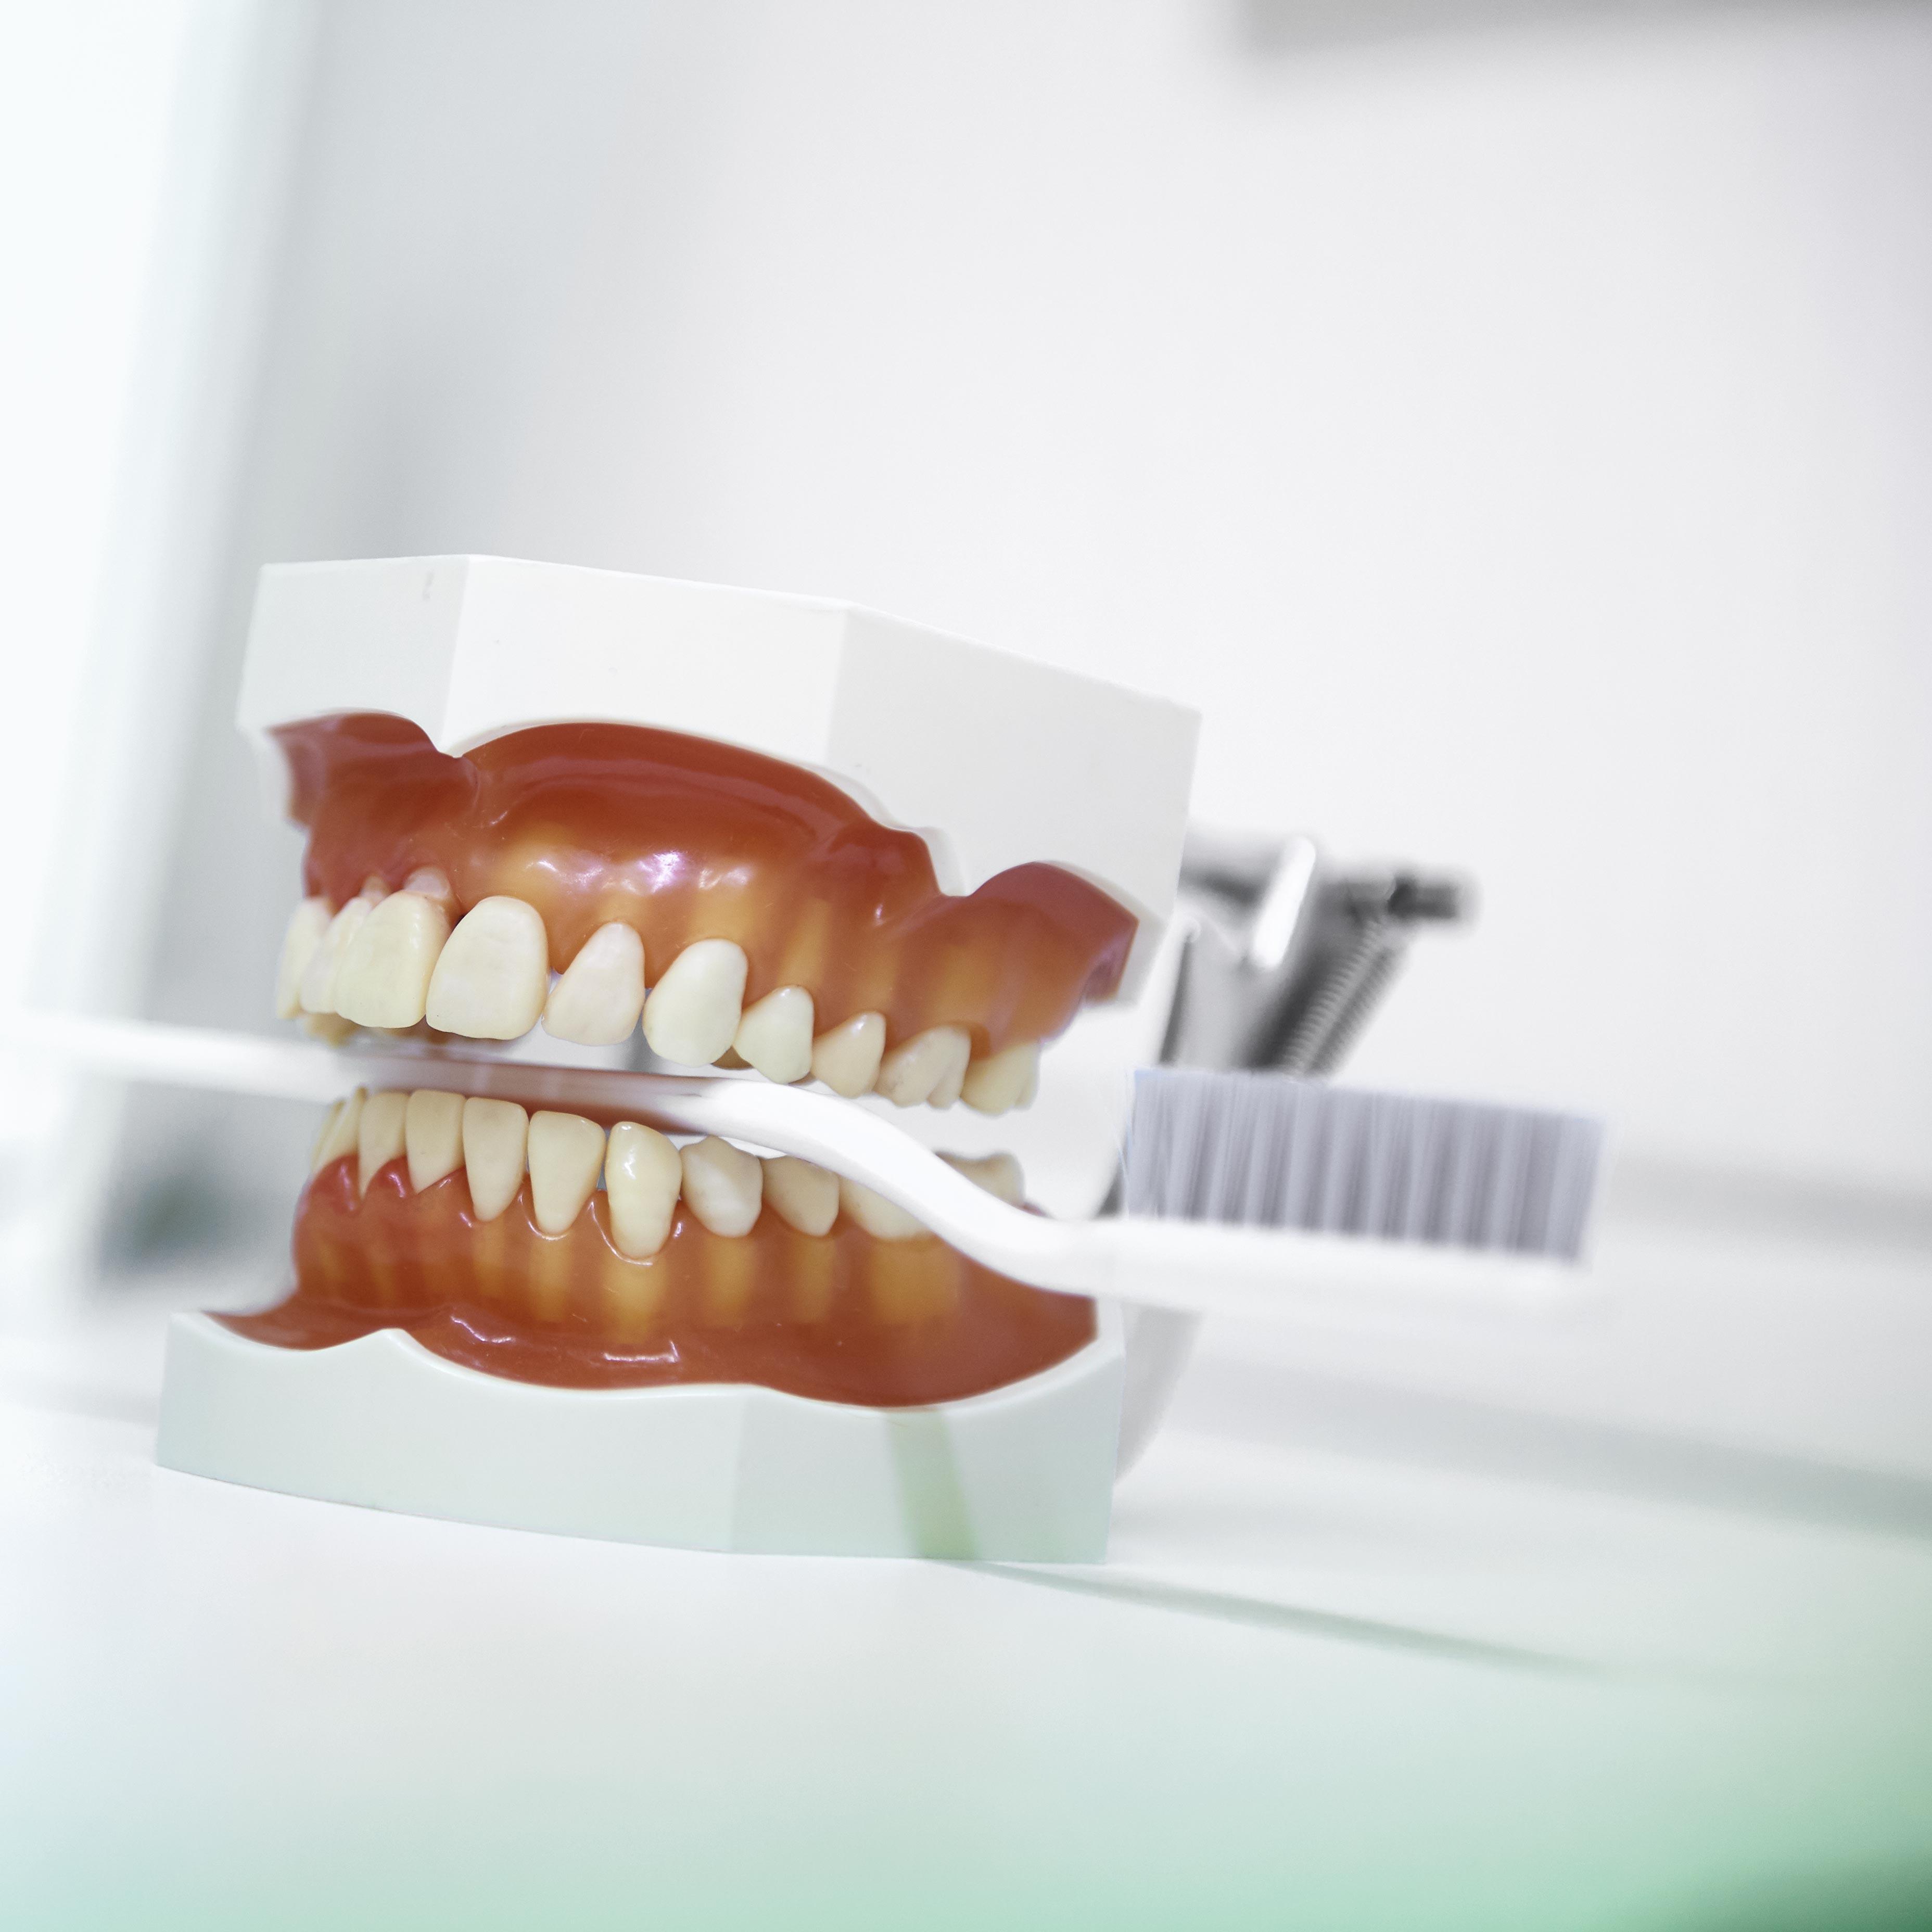 Demonstrations-Objekt für das erlernen der richtigen Mundhygiene